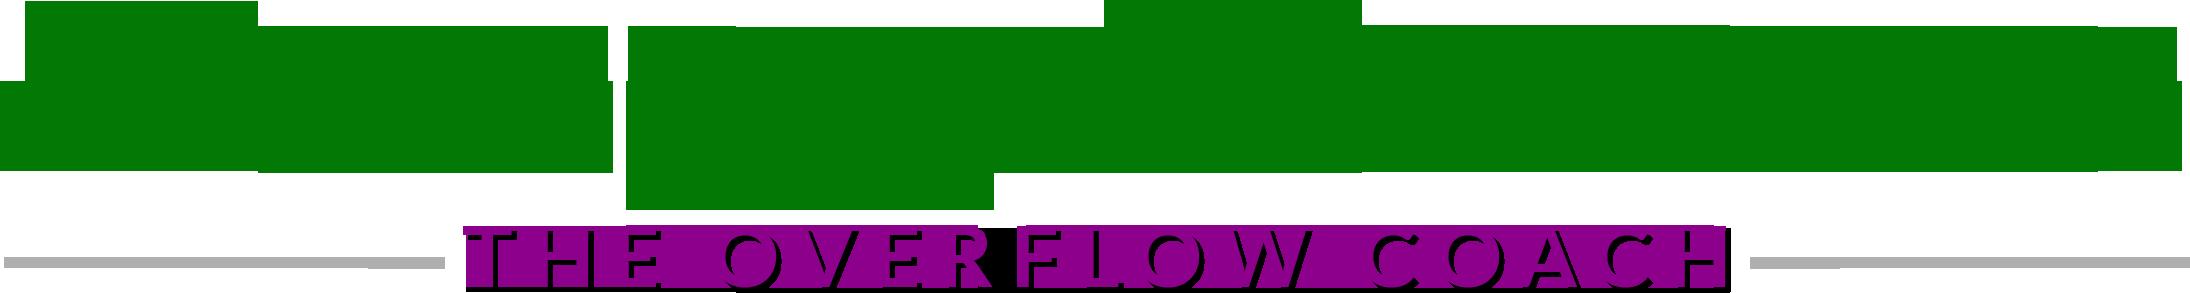 Monique Q Caradine Logo